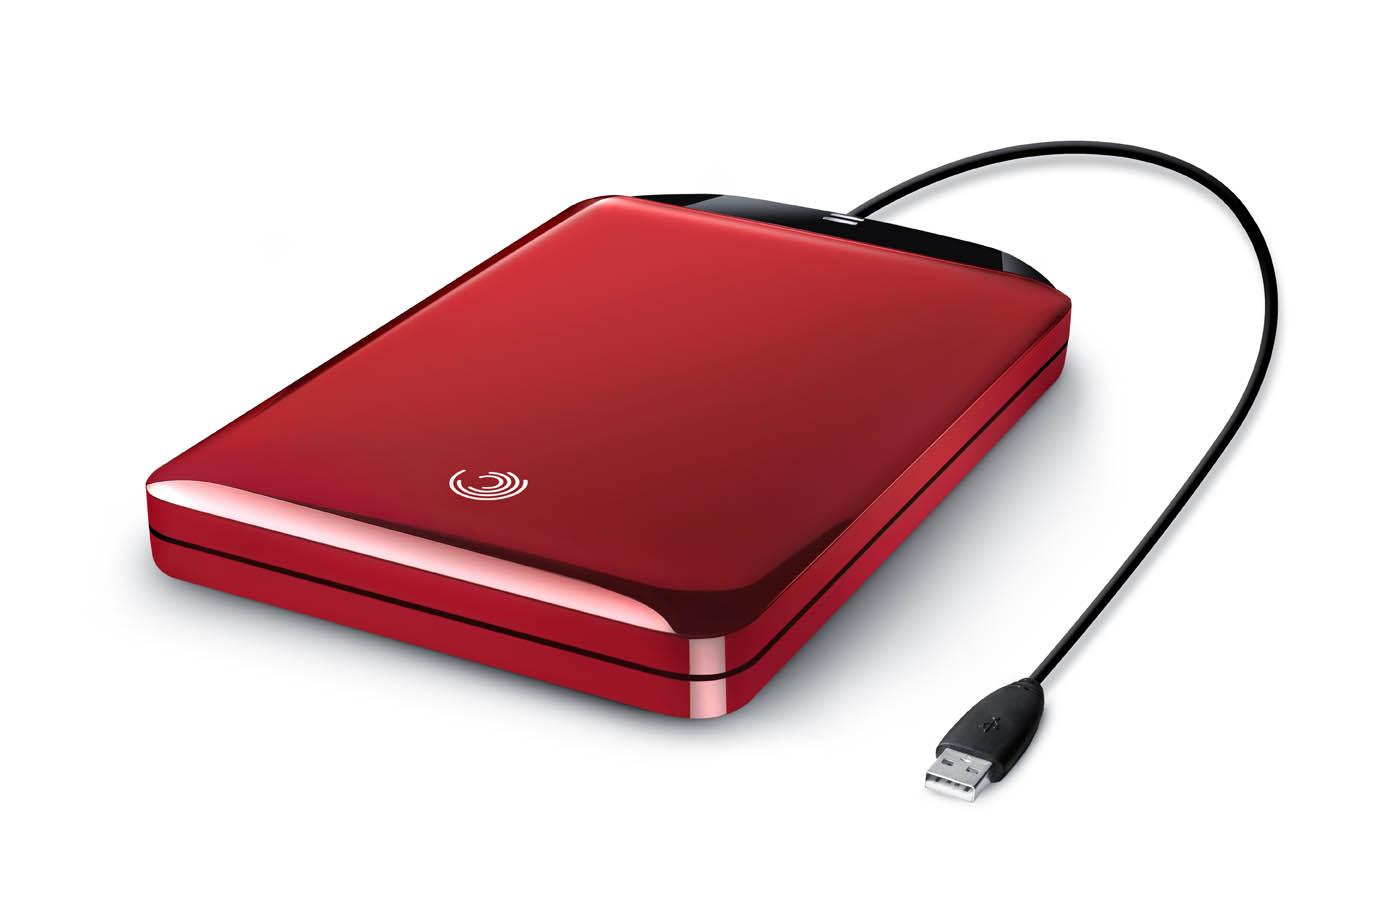 Más de la mitad de los usuarios cuenta con un disco duro externo, pero eso no significa que lo use regularmente para el almacenaminto de sus datos.